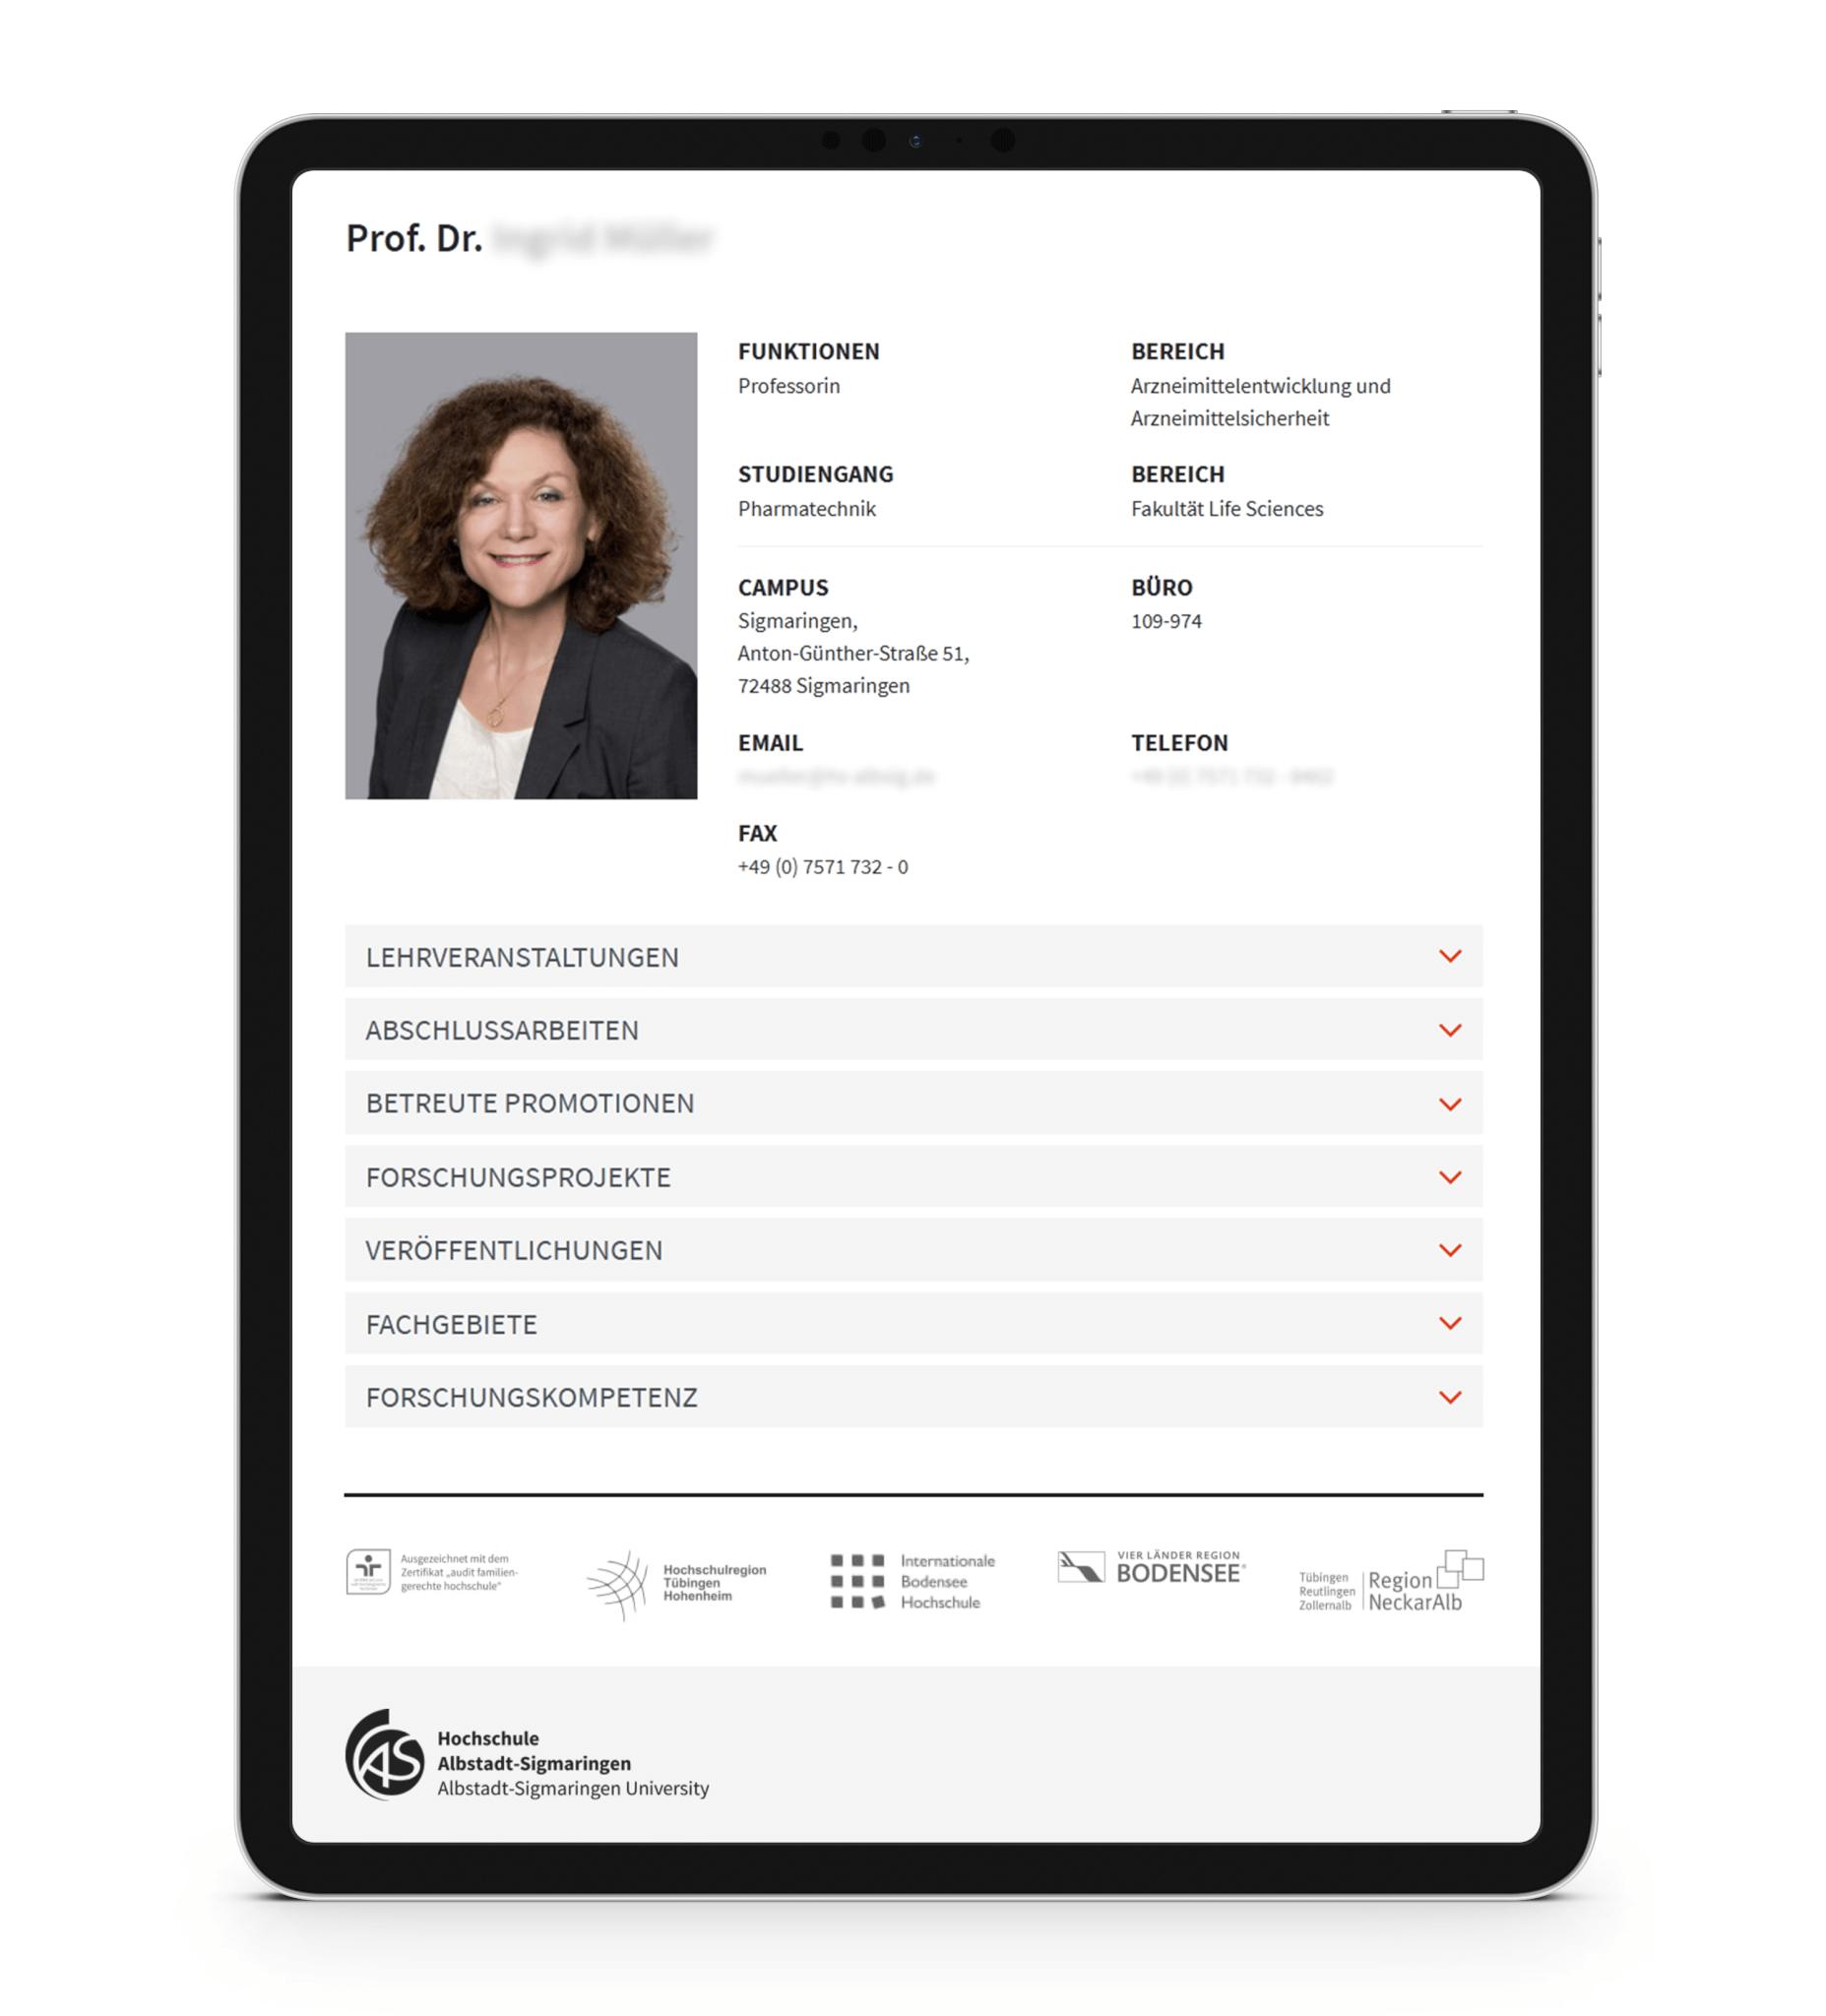 Professoren-Profil auf einer Hochschul-Website